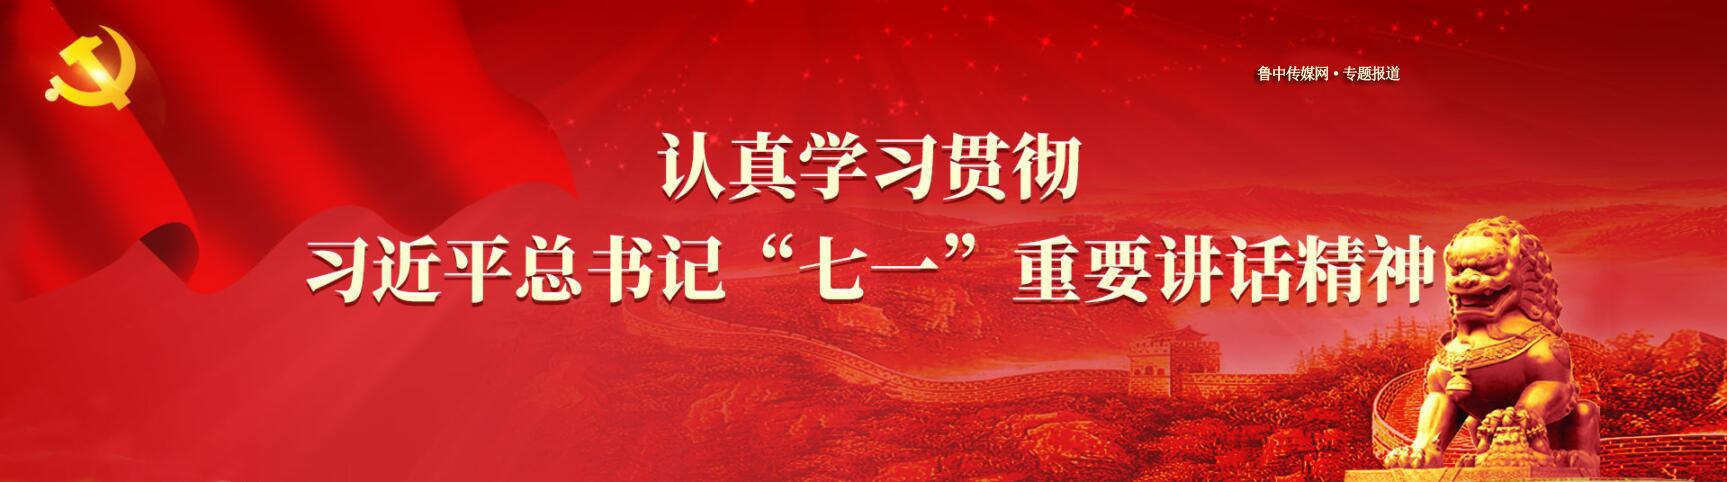 """认真学习贯彻习近平总书记""""七一""""重要讲话精神"""